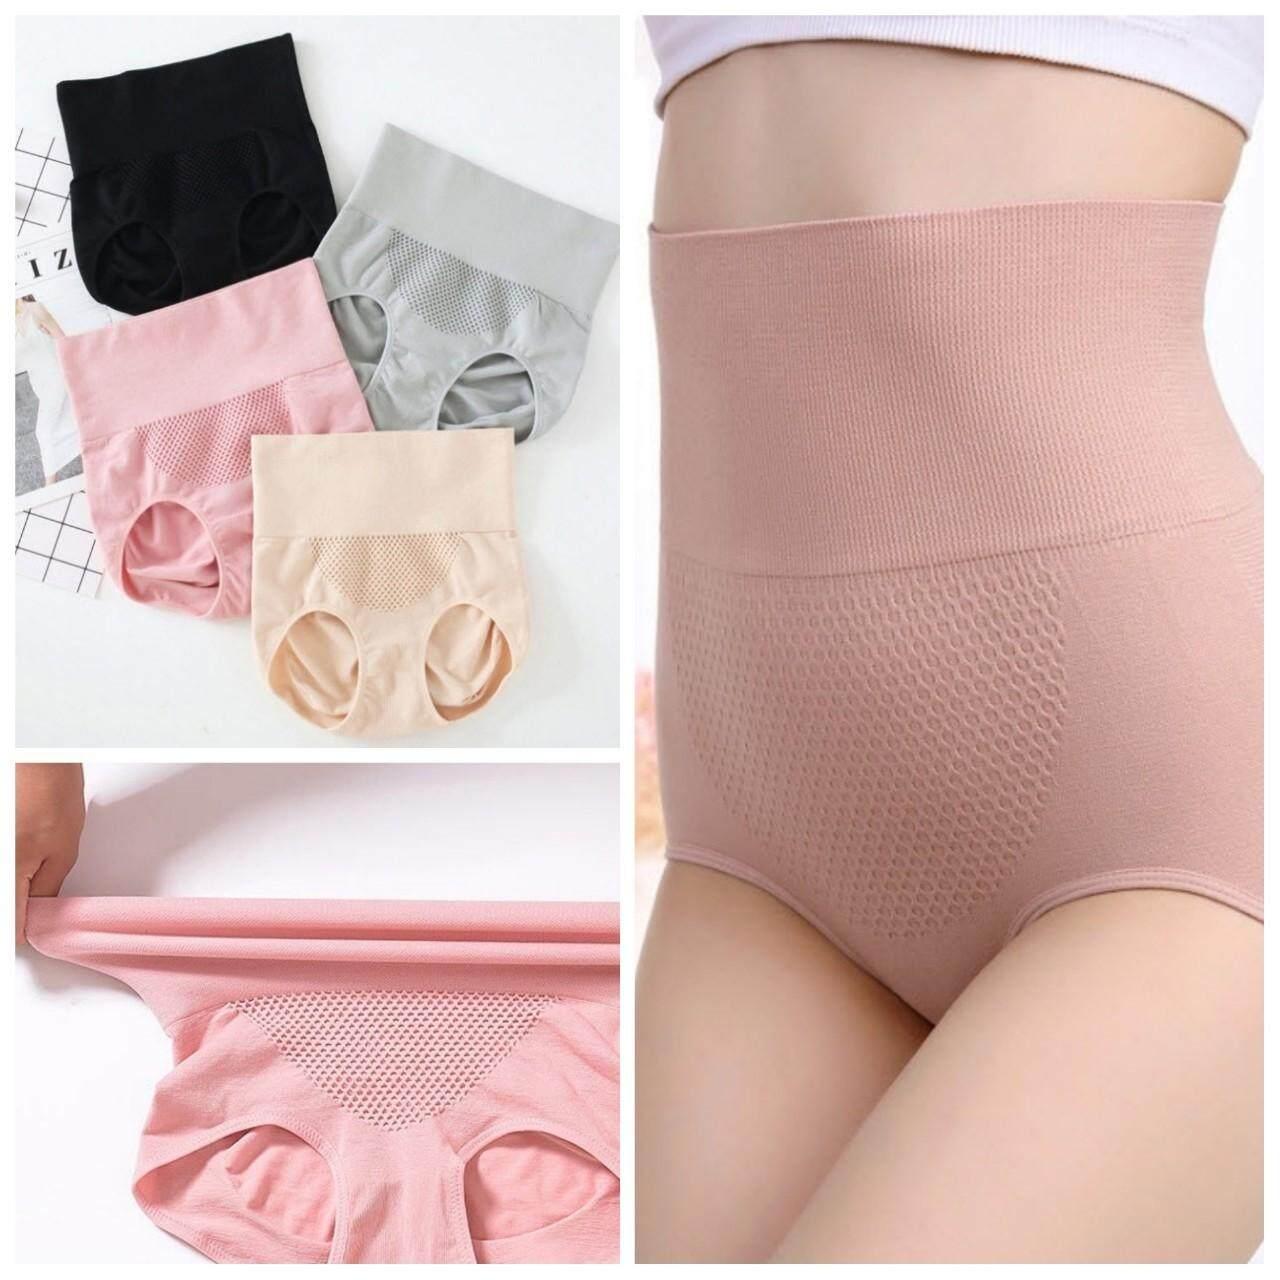 กางเกงในสตรี 3D เอวสูง เก็บพุง กระชับก้น รังผึ้ง ผ้าทอญี่ปุ่น (ของแท้) ชั้นใน กางเกงในหญิง ใส่ซองทุกตัว